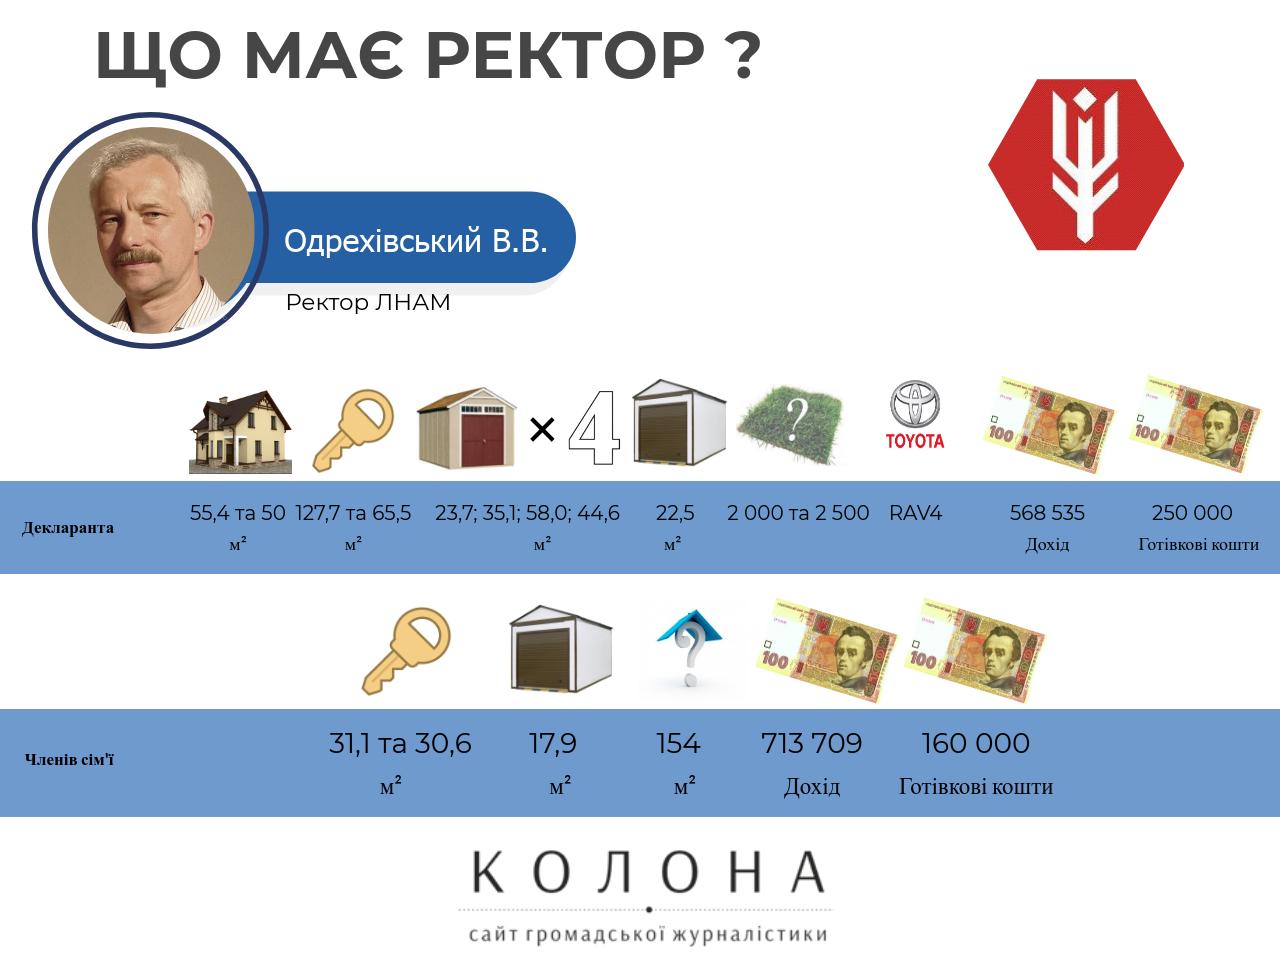 Одрехівский Володимир Васильович